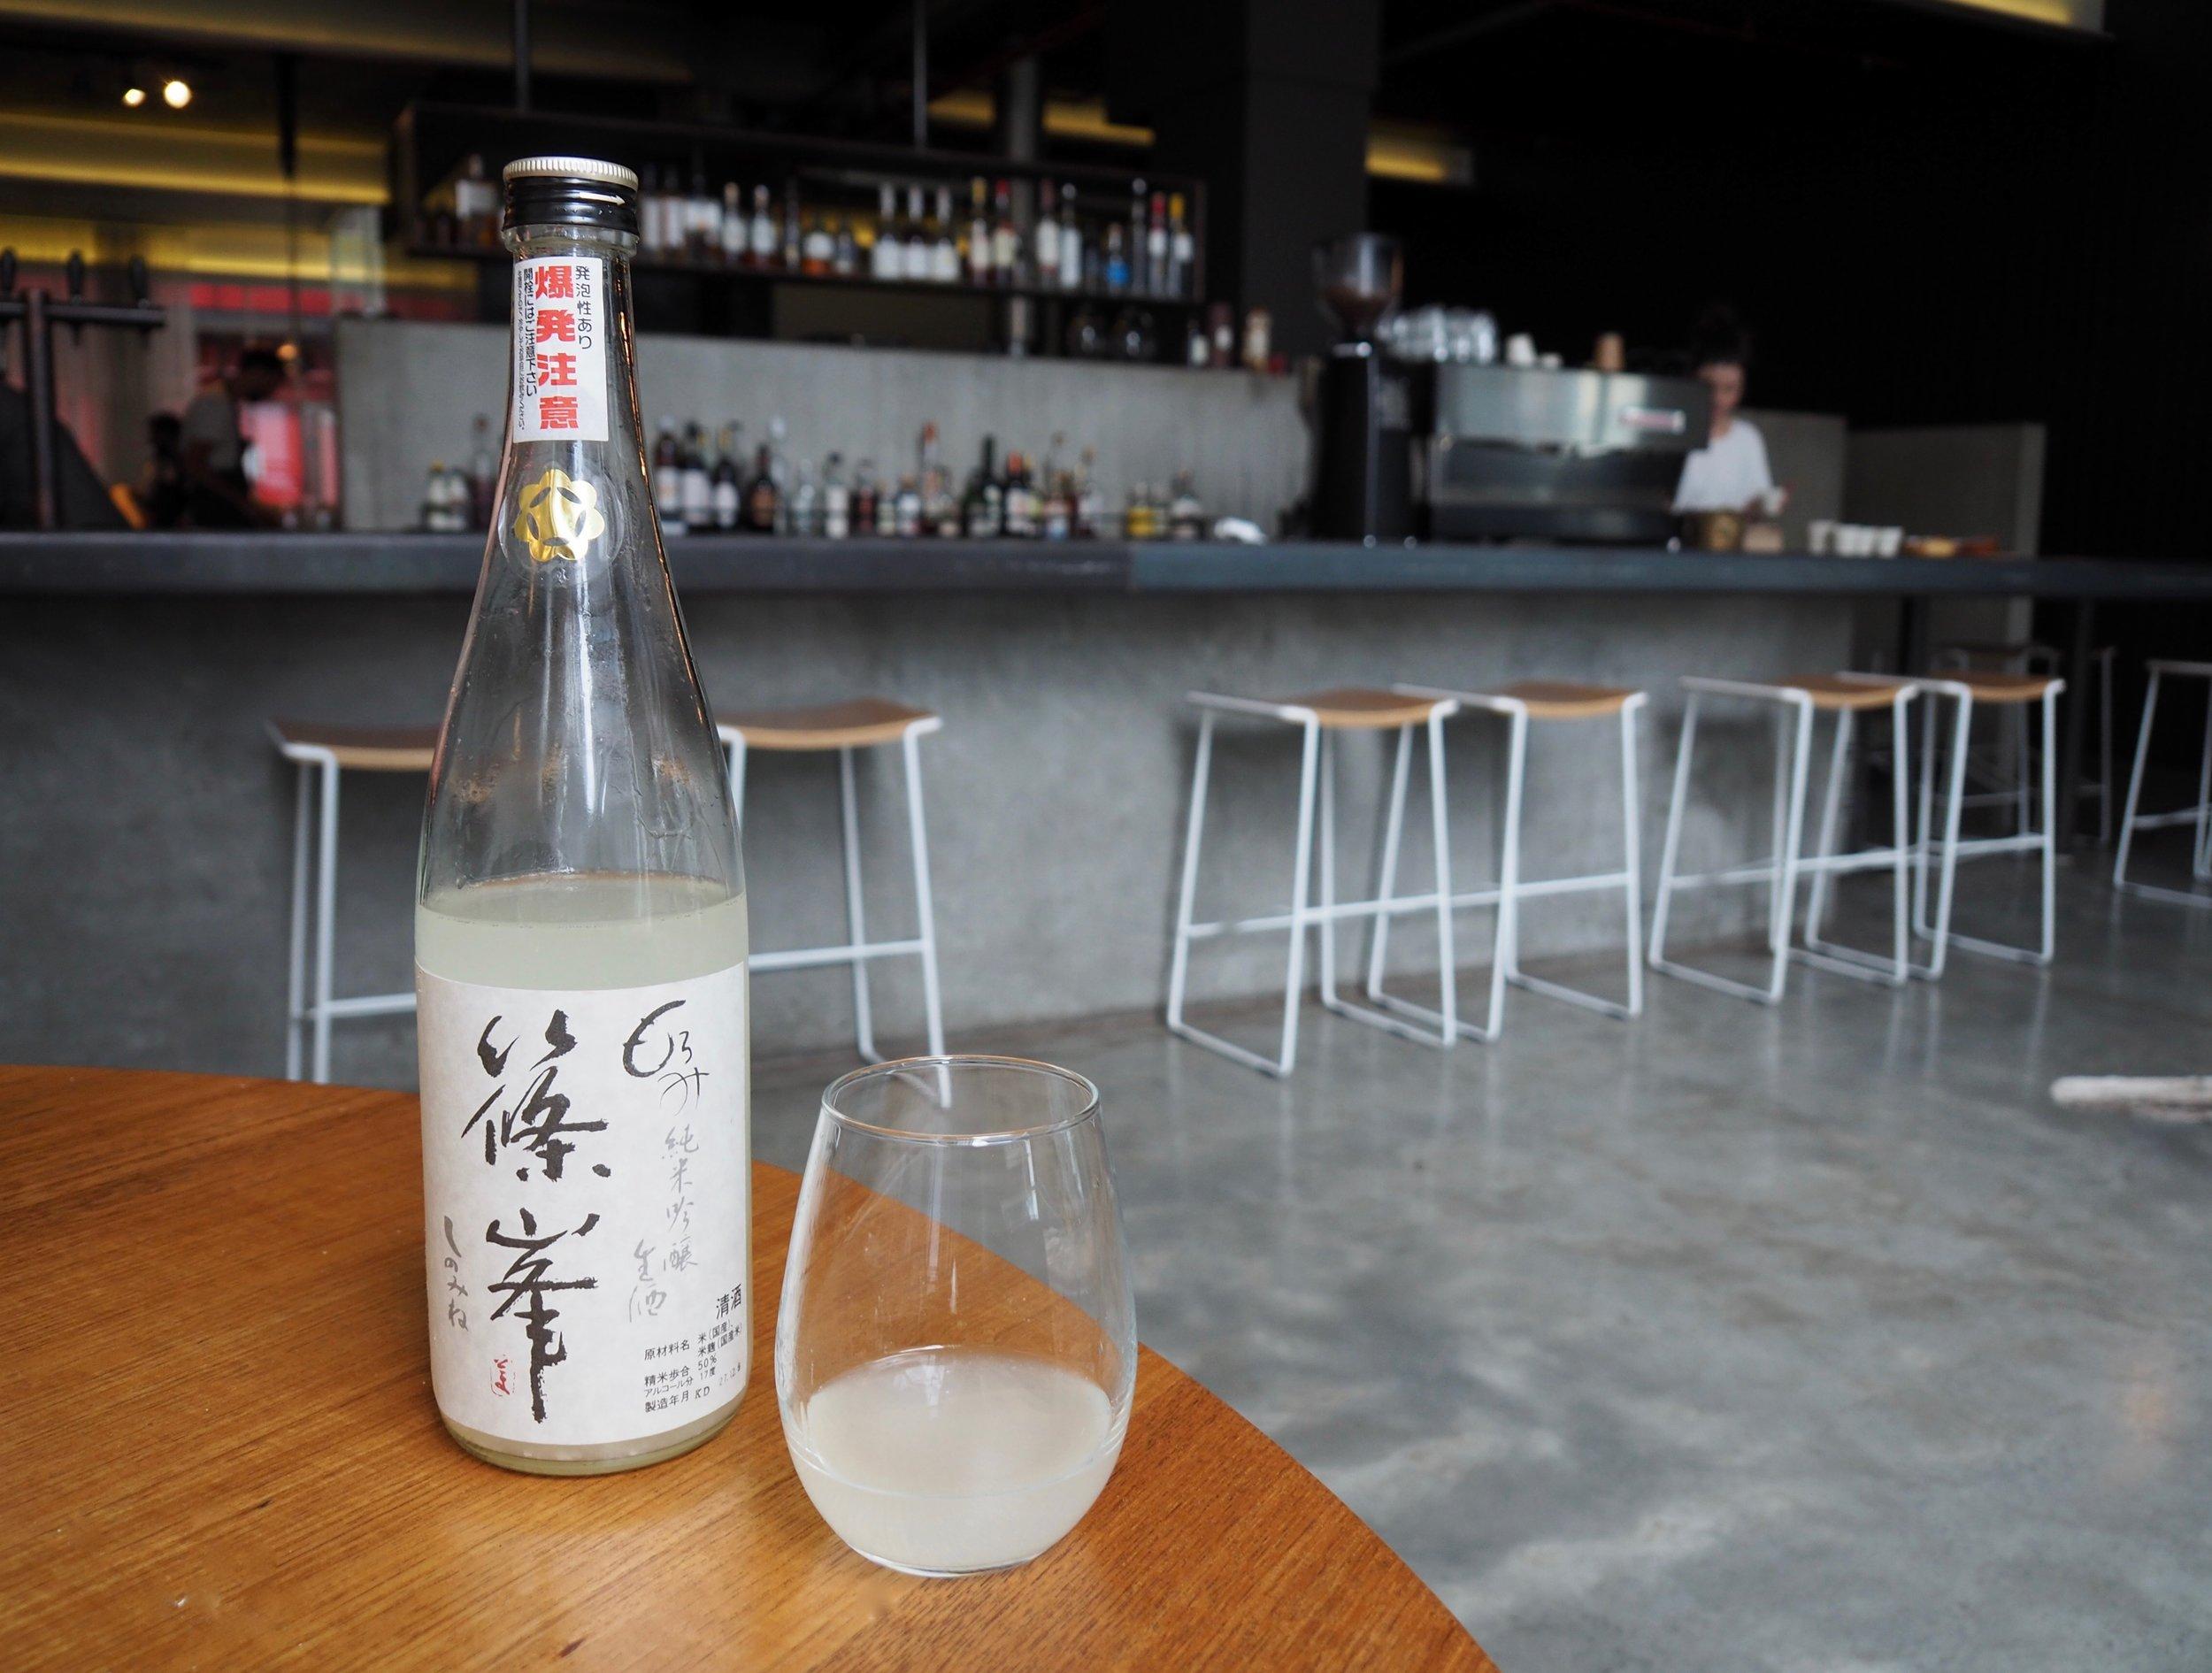 Artisanal Japanese Sake Chiyo Shuzo Moromi Nigori Nara,Japan